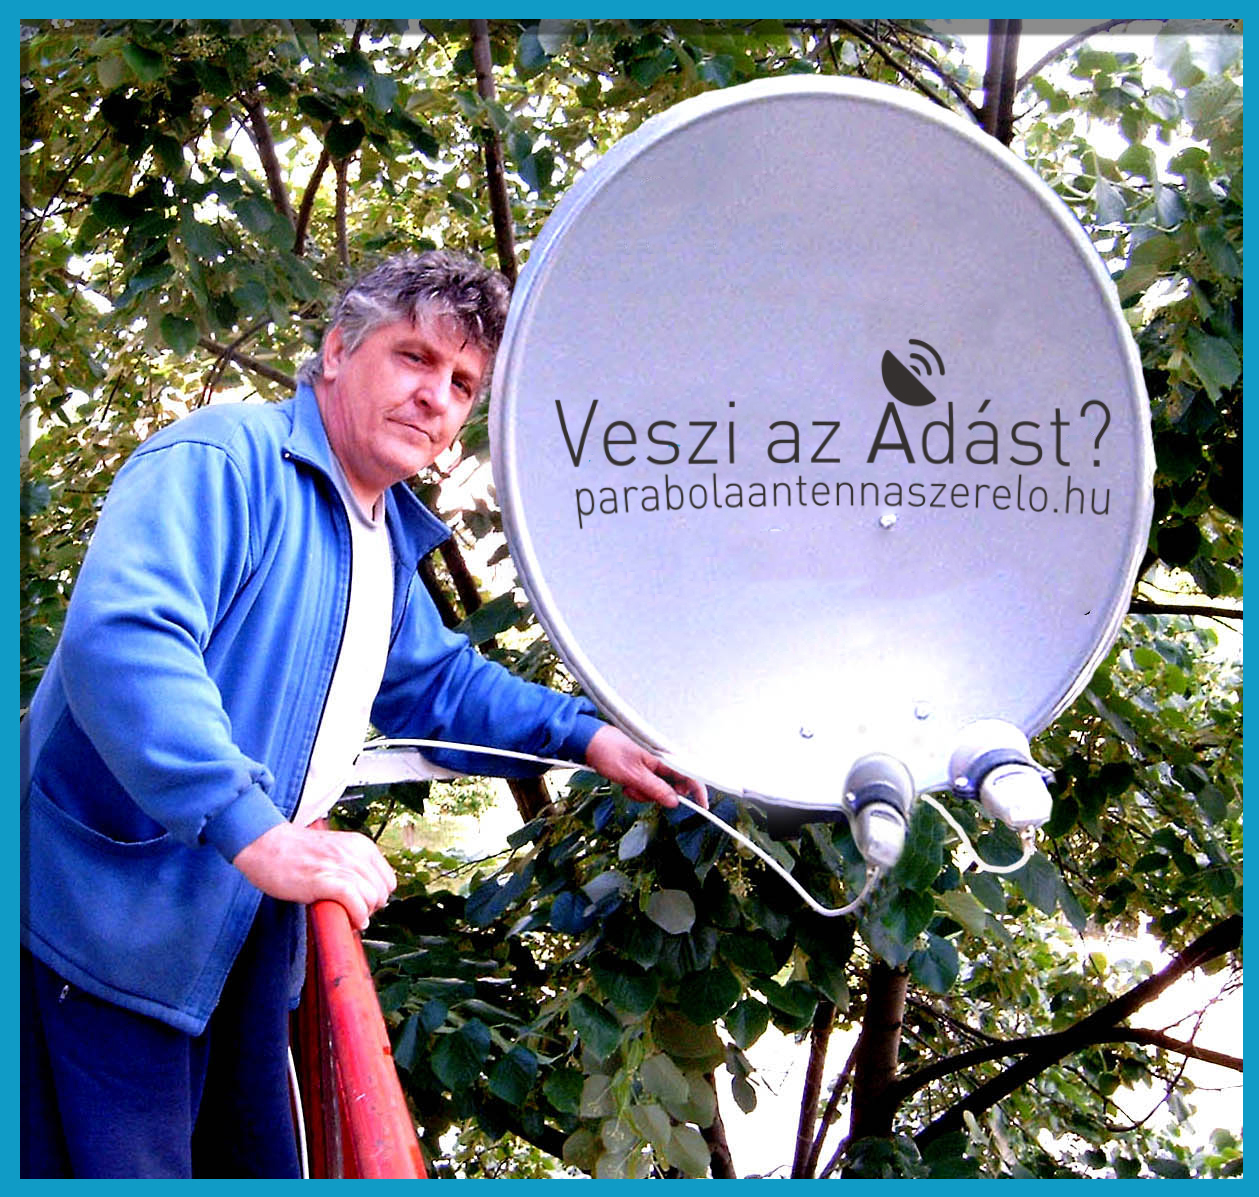 Berkes László - antennaszerelő